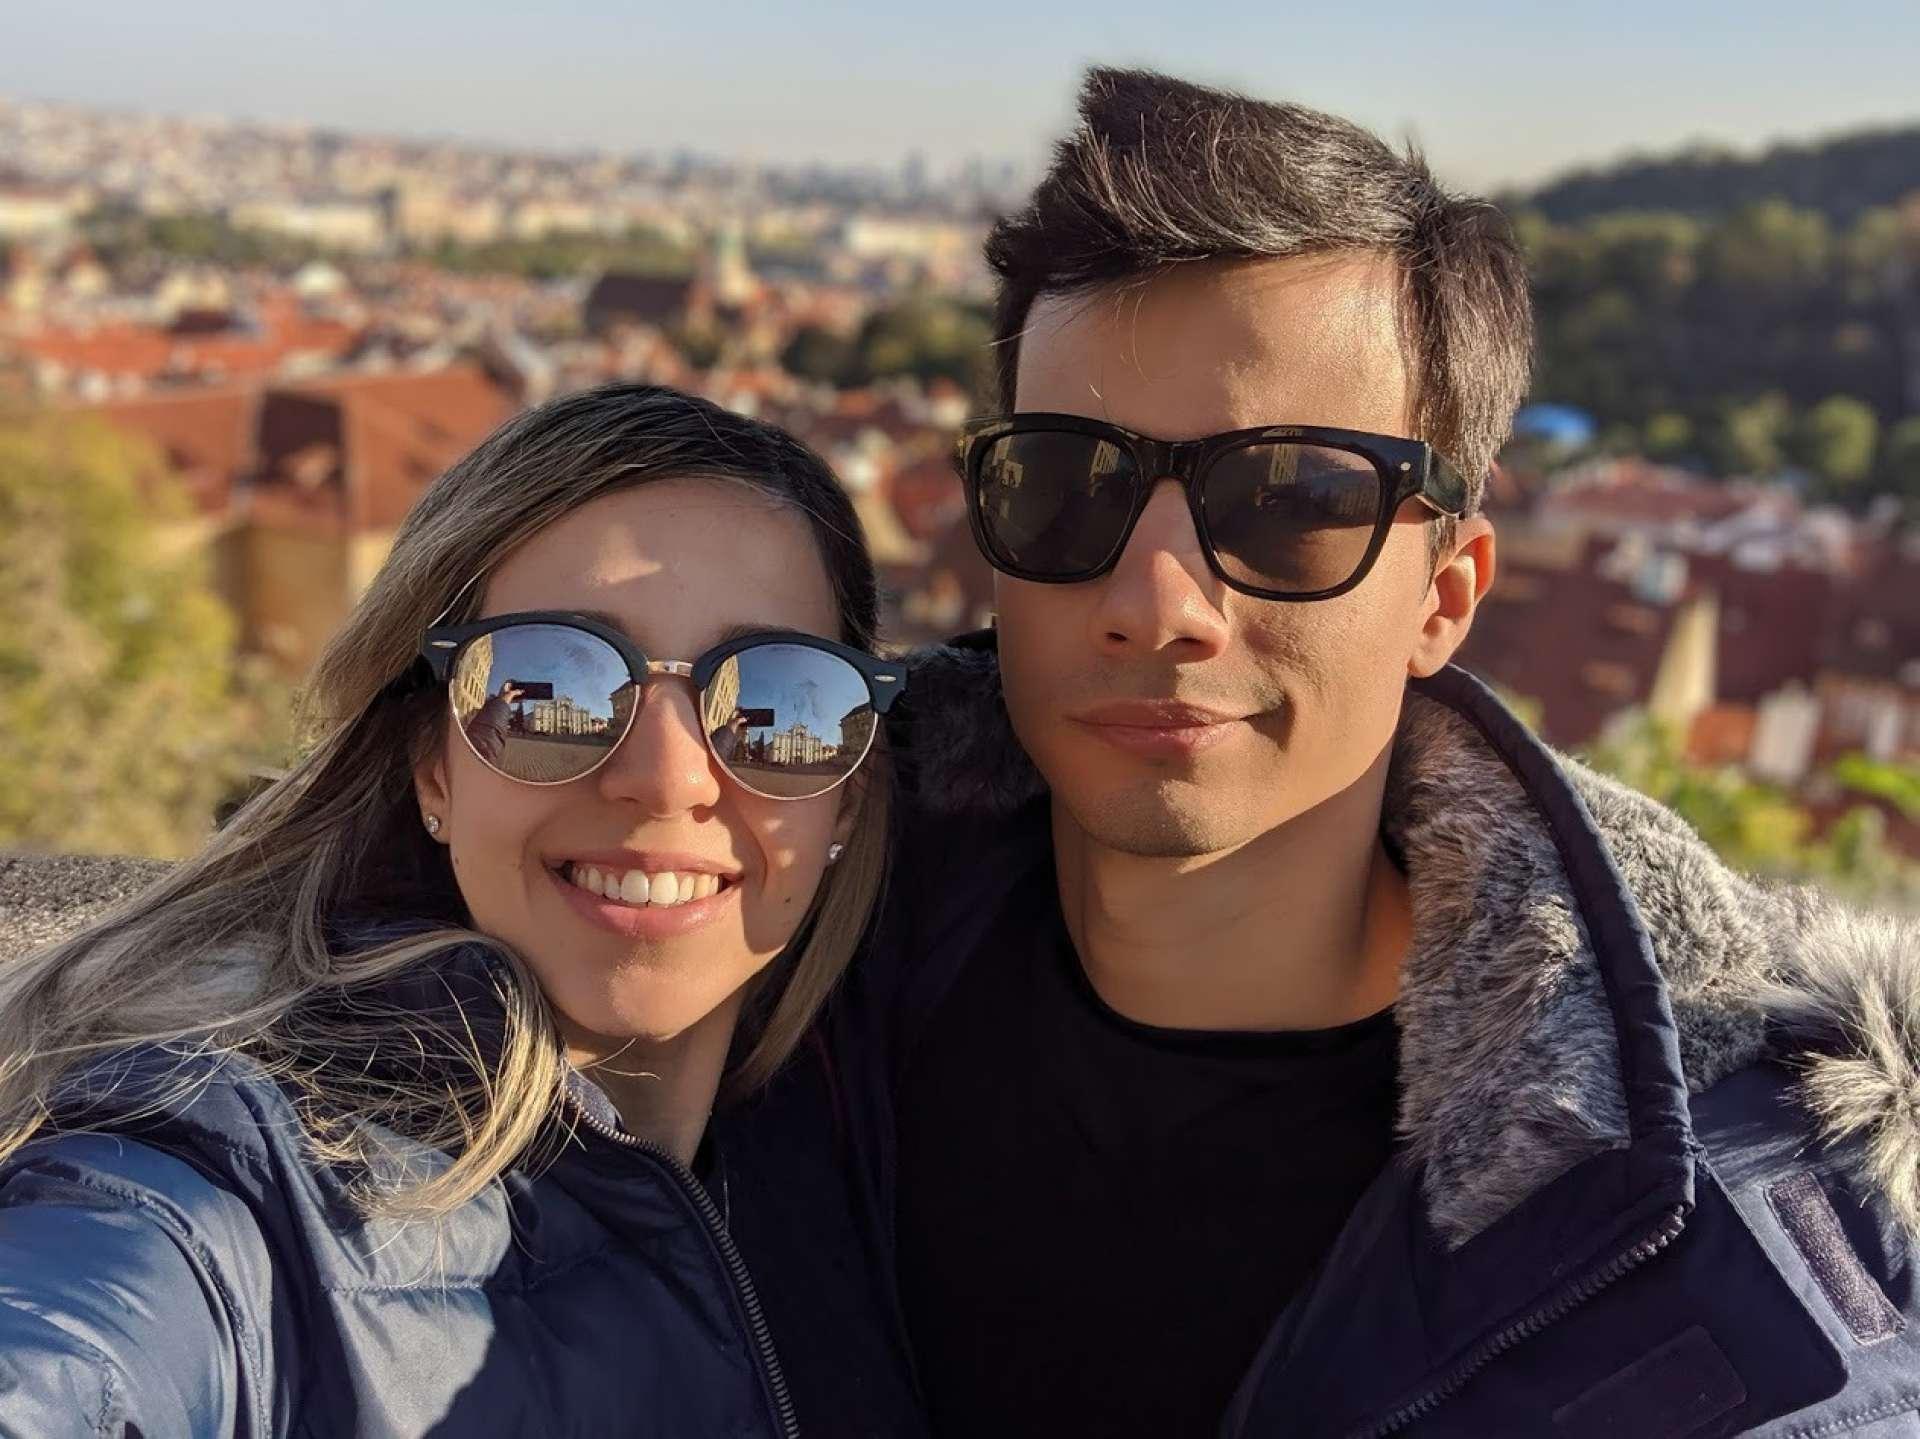 Há três anos morando na Alemanha com a esposa, engenheiro Marcelo Moreira fala do contraste de posturas entre os governos brasileiro e alemão no combate à pandemia da Covid-19